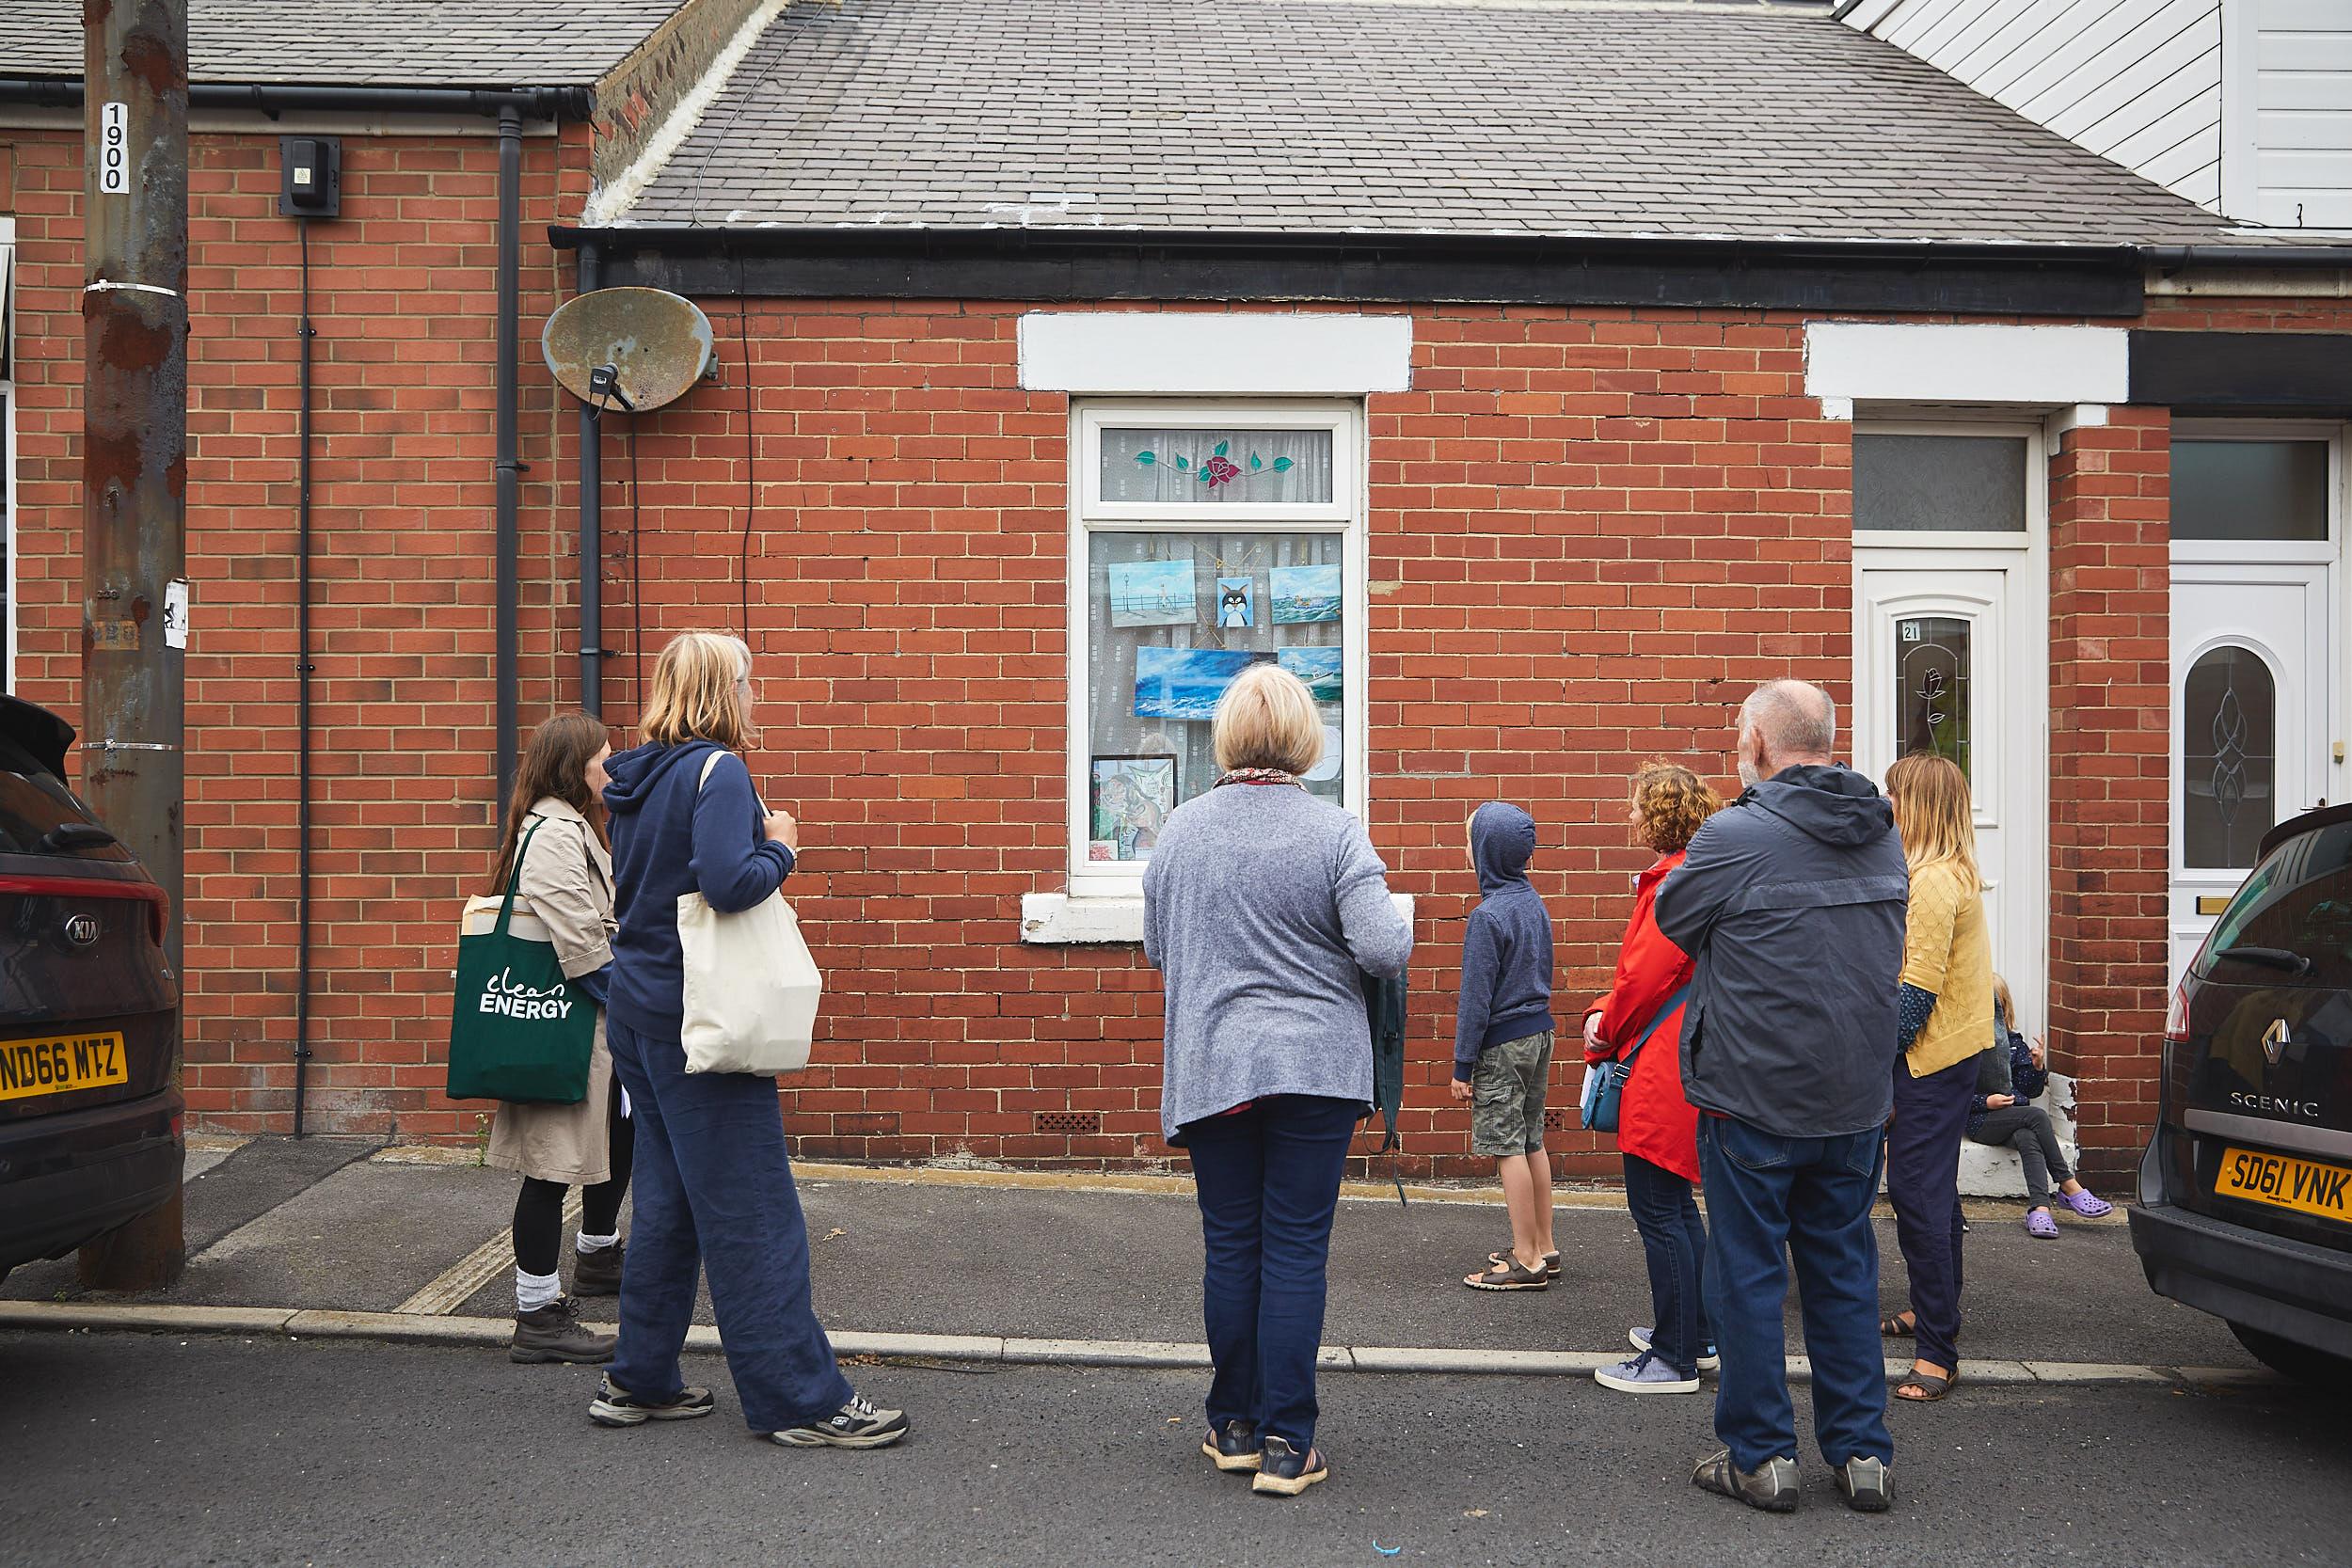 People viewing artworks displayed as part of Dawdon Street Gallery